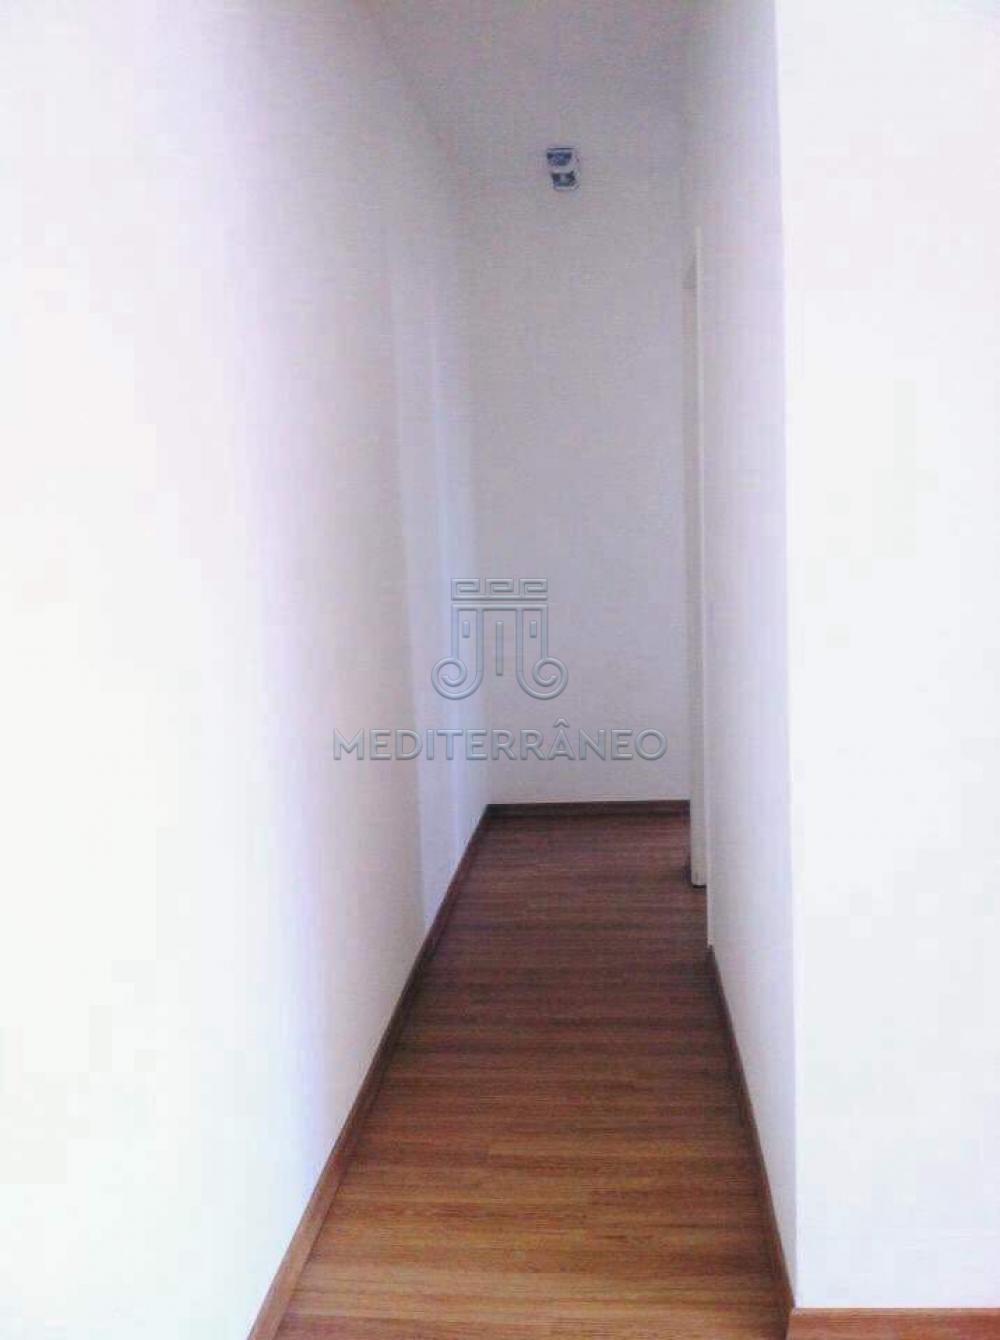 Comprar Apartamento / Padrão em Jundiaí apenas R$ 205.000,00 - Foto 2